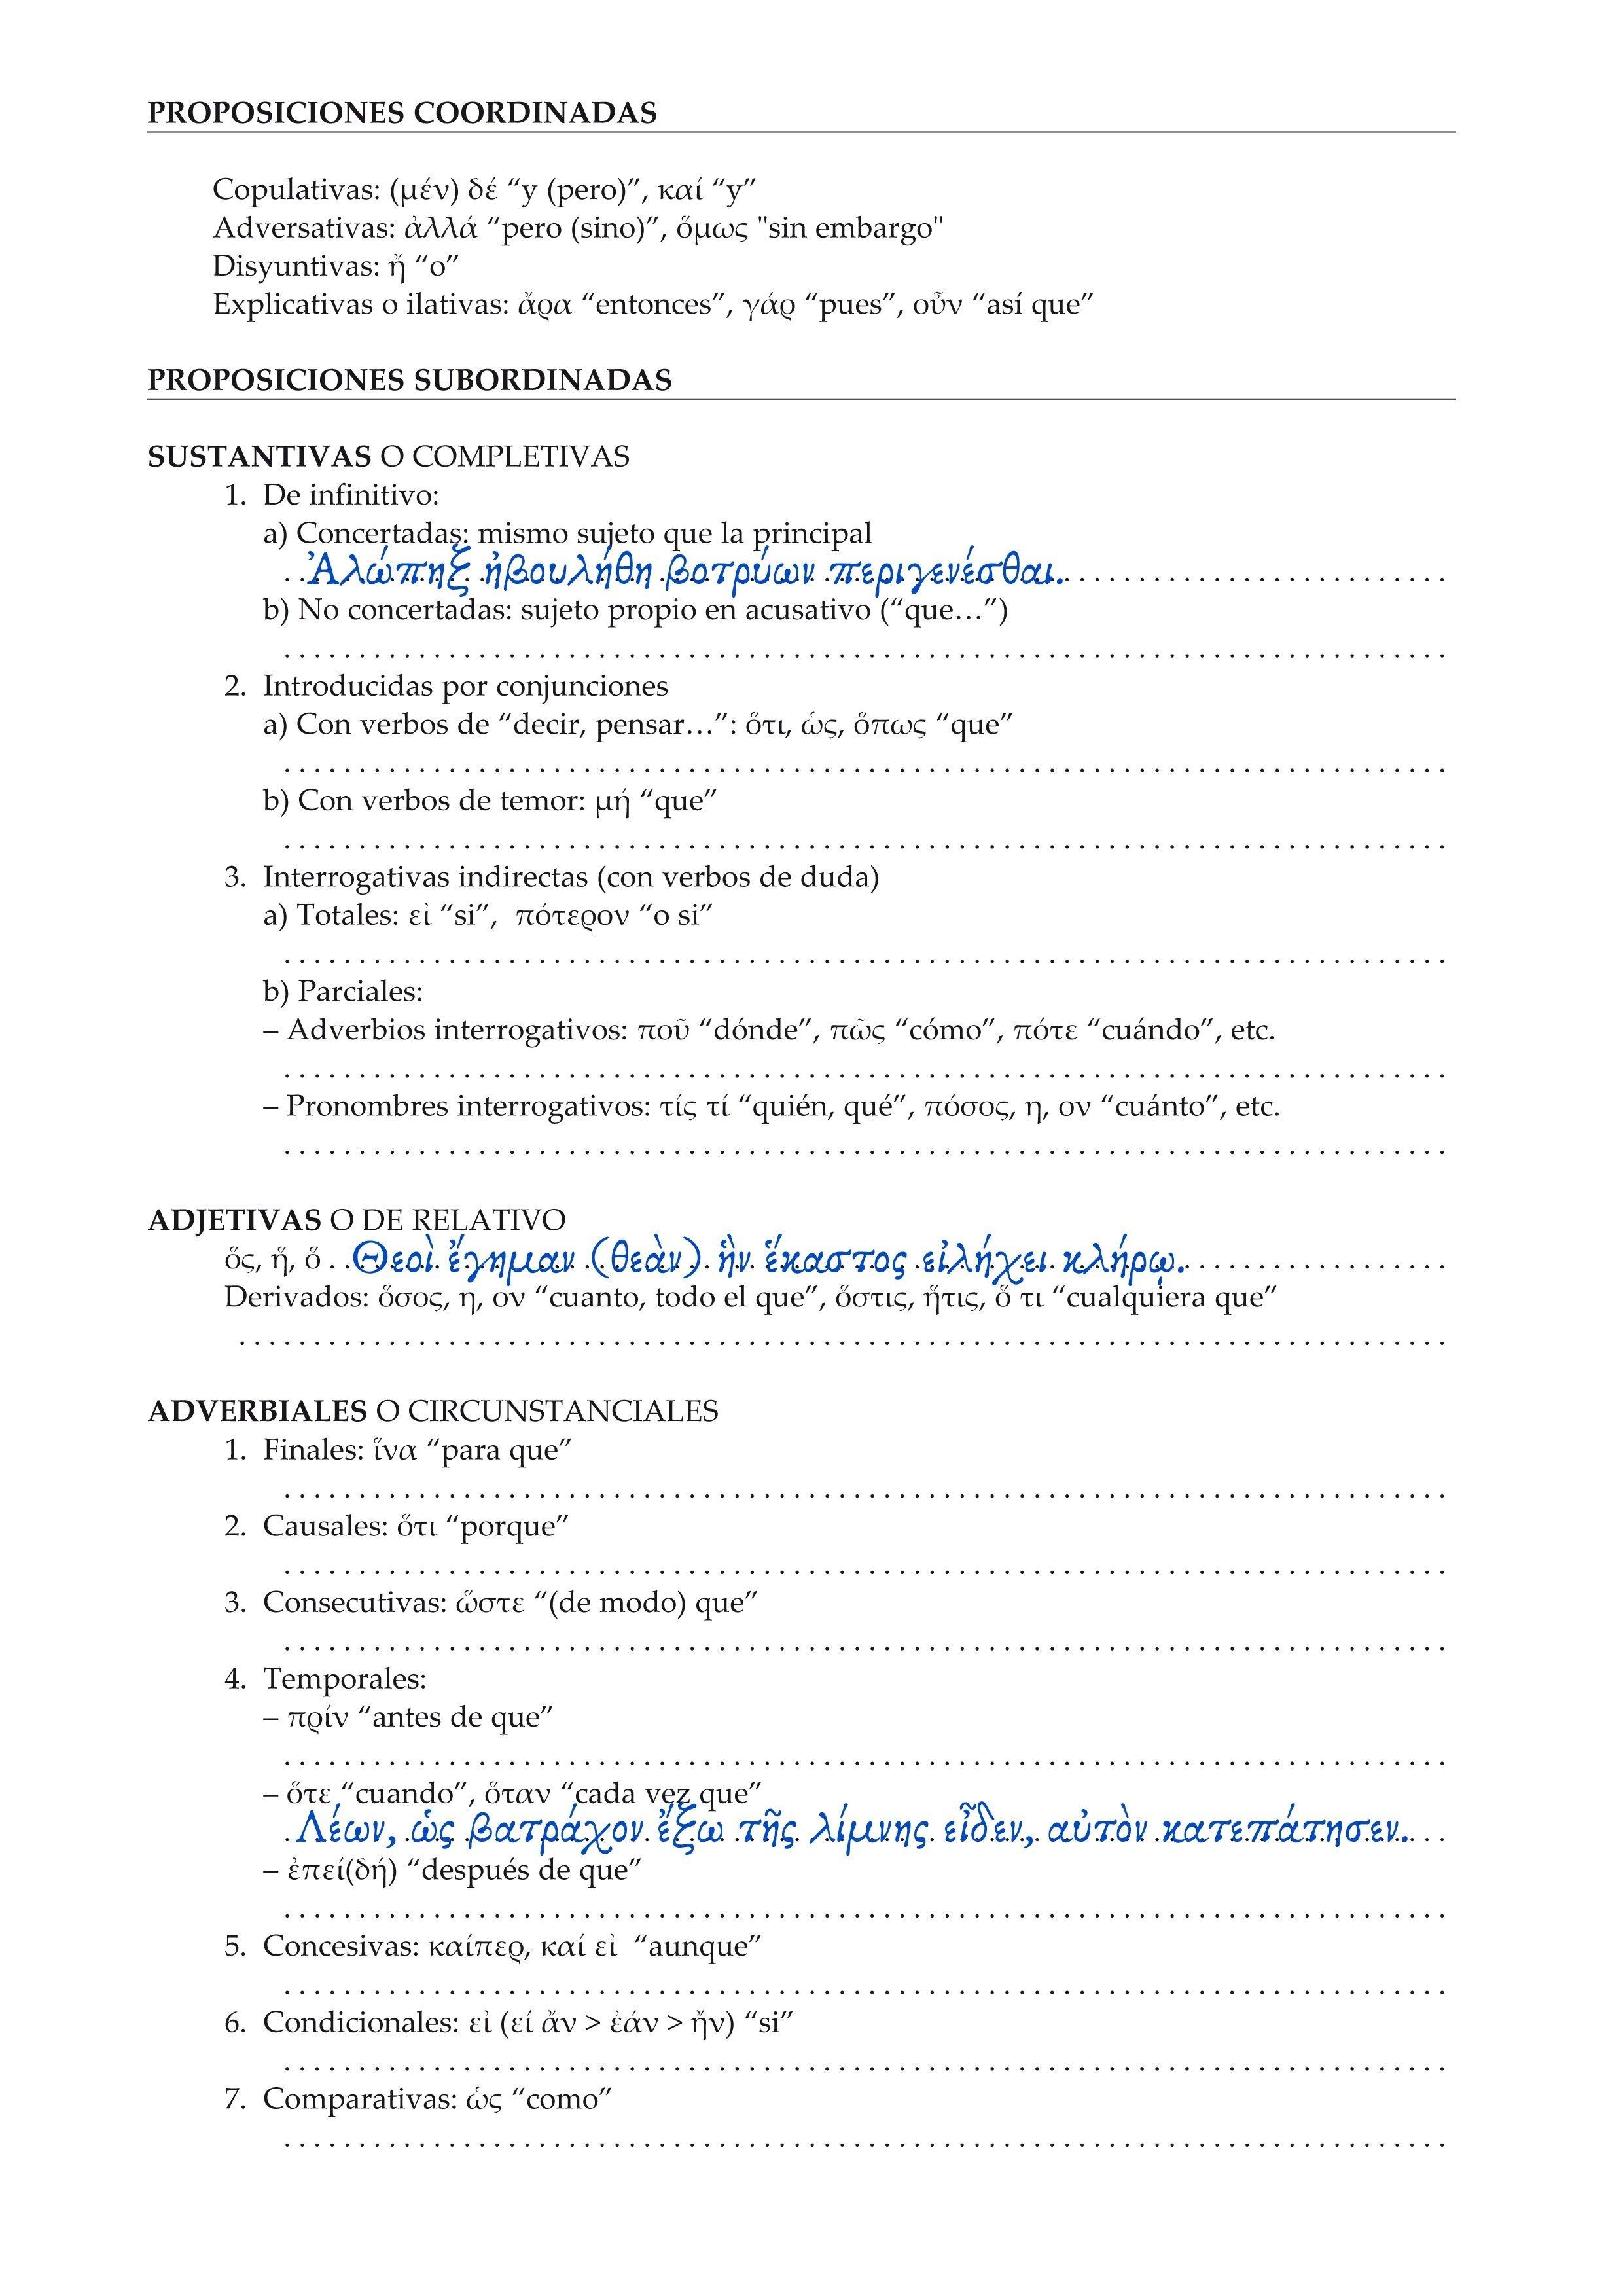 Folio con los tipos de oración subordinada del griego antiguo y espacio para añadir un ejemplo de cada tipo